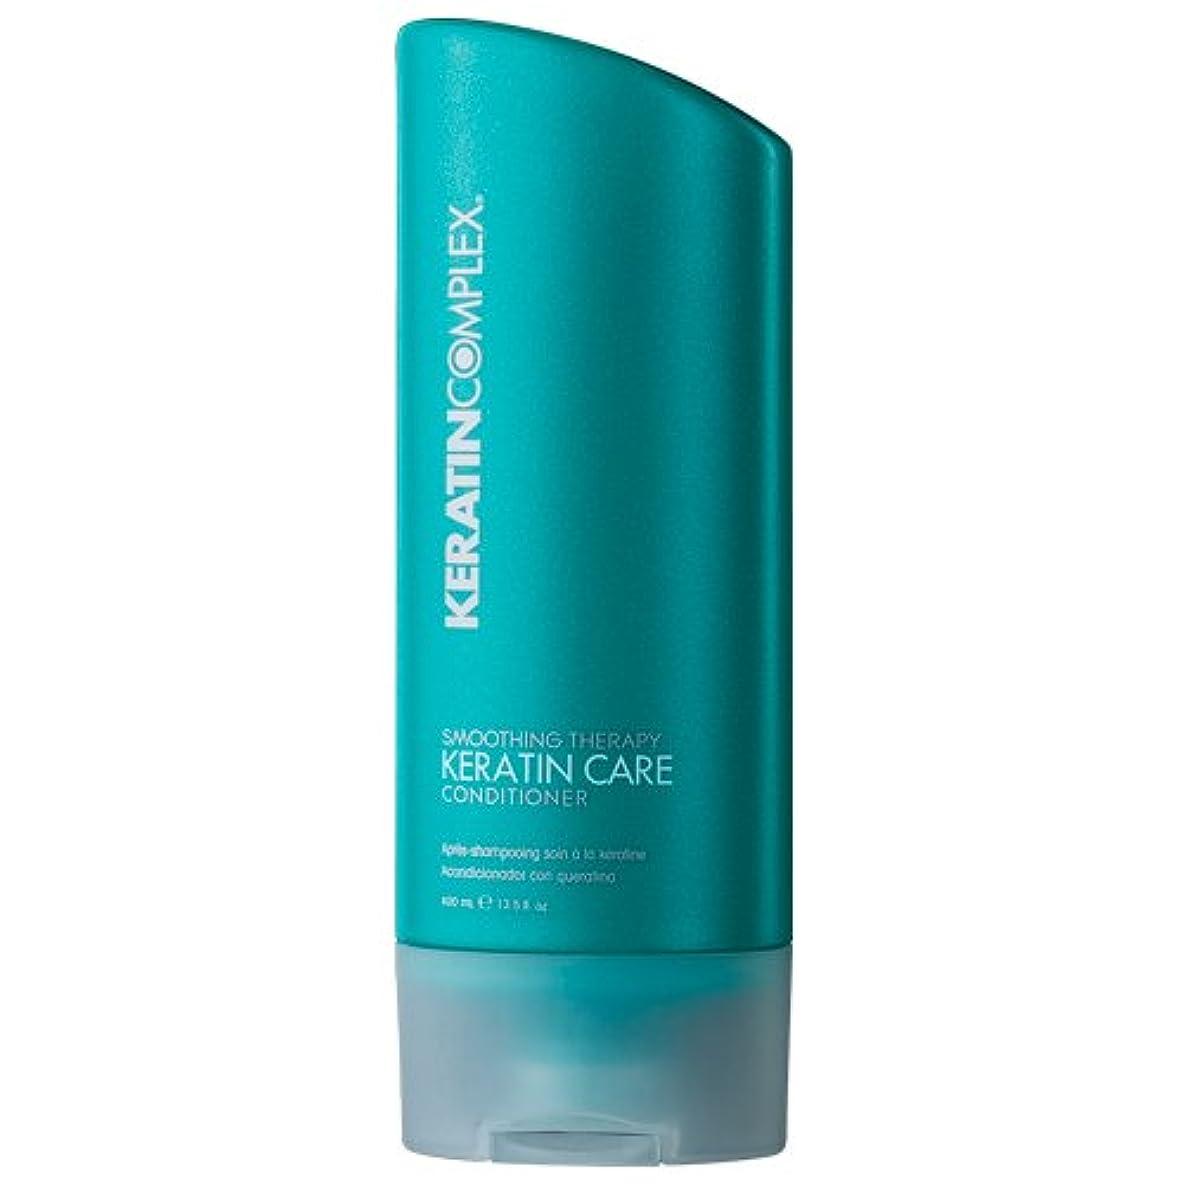 テーマレスリング放送Smoothing Therapy Keratin Care Conditioner (For All Hair Types) - 400ml/13.5oz